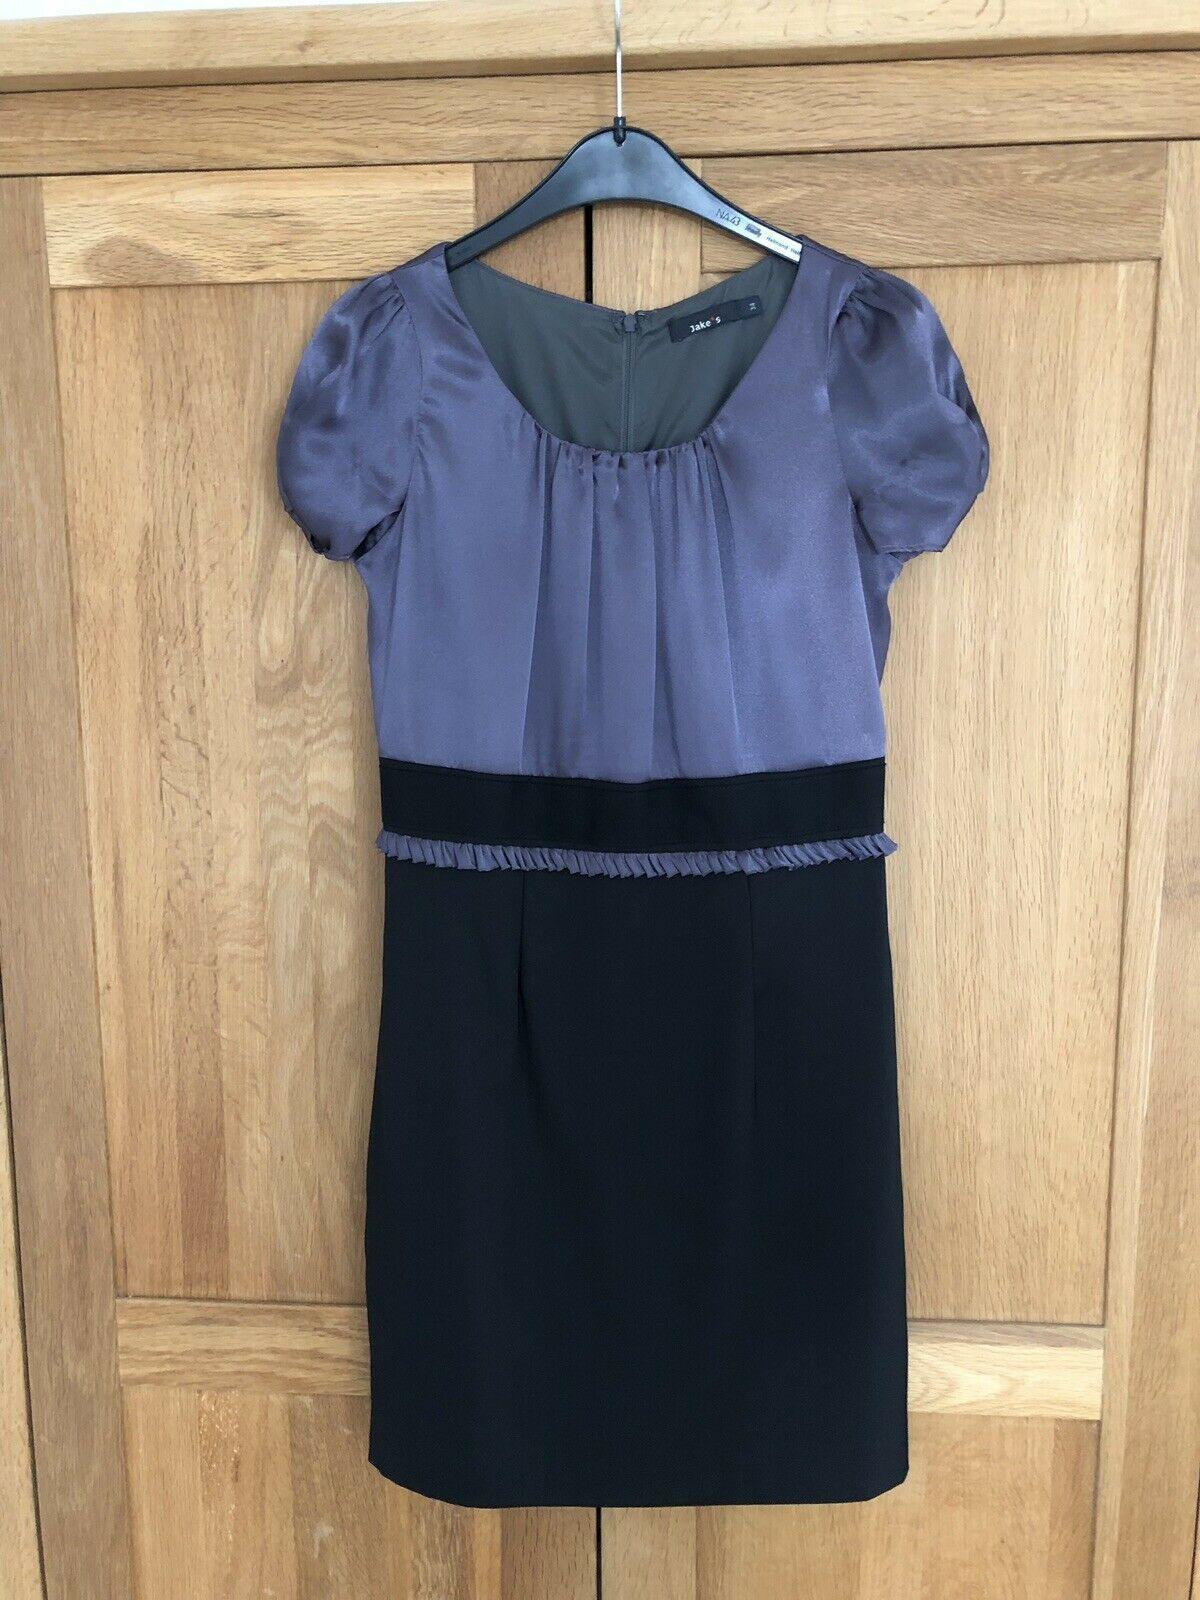 15 Luxurius Jakes Abendkleid Blau Design10 Perfekt Jakes Abendkleid Blau Vertrieb